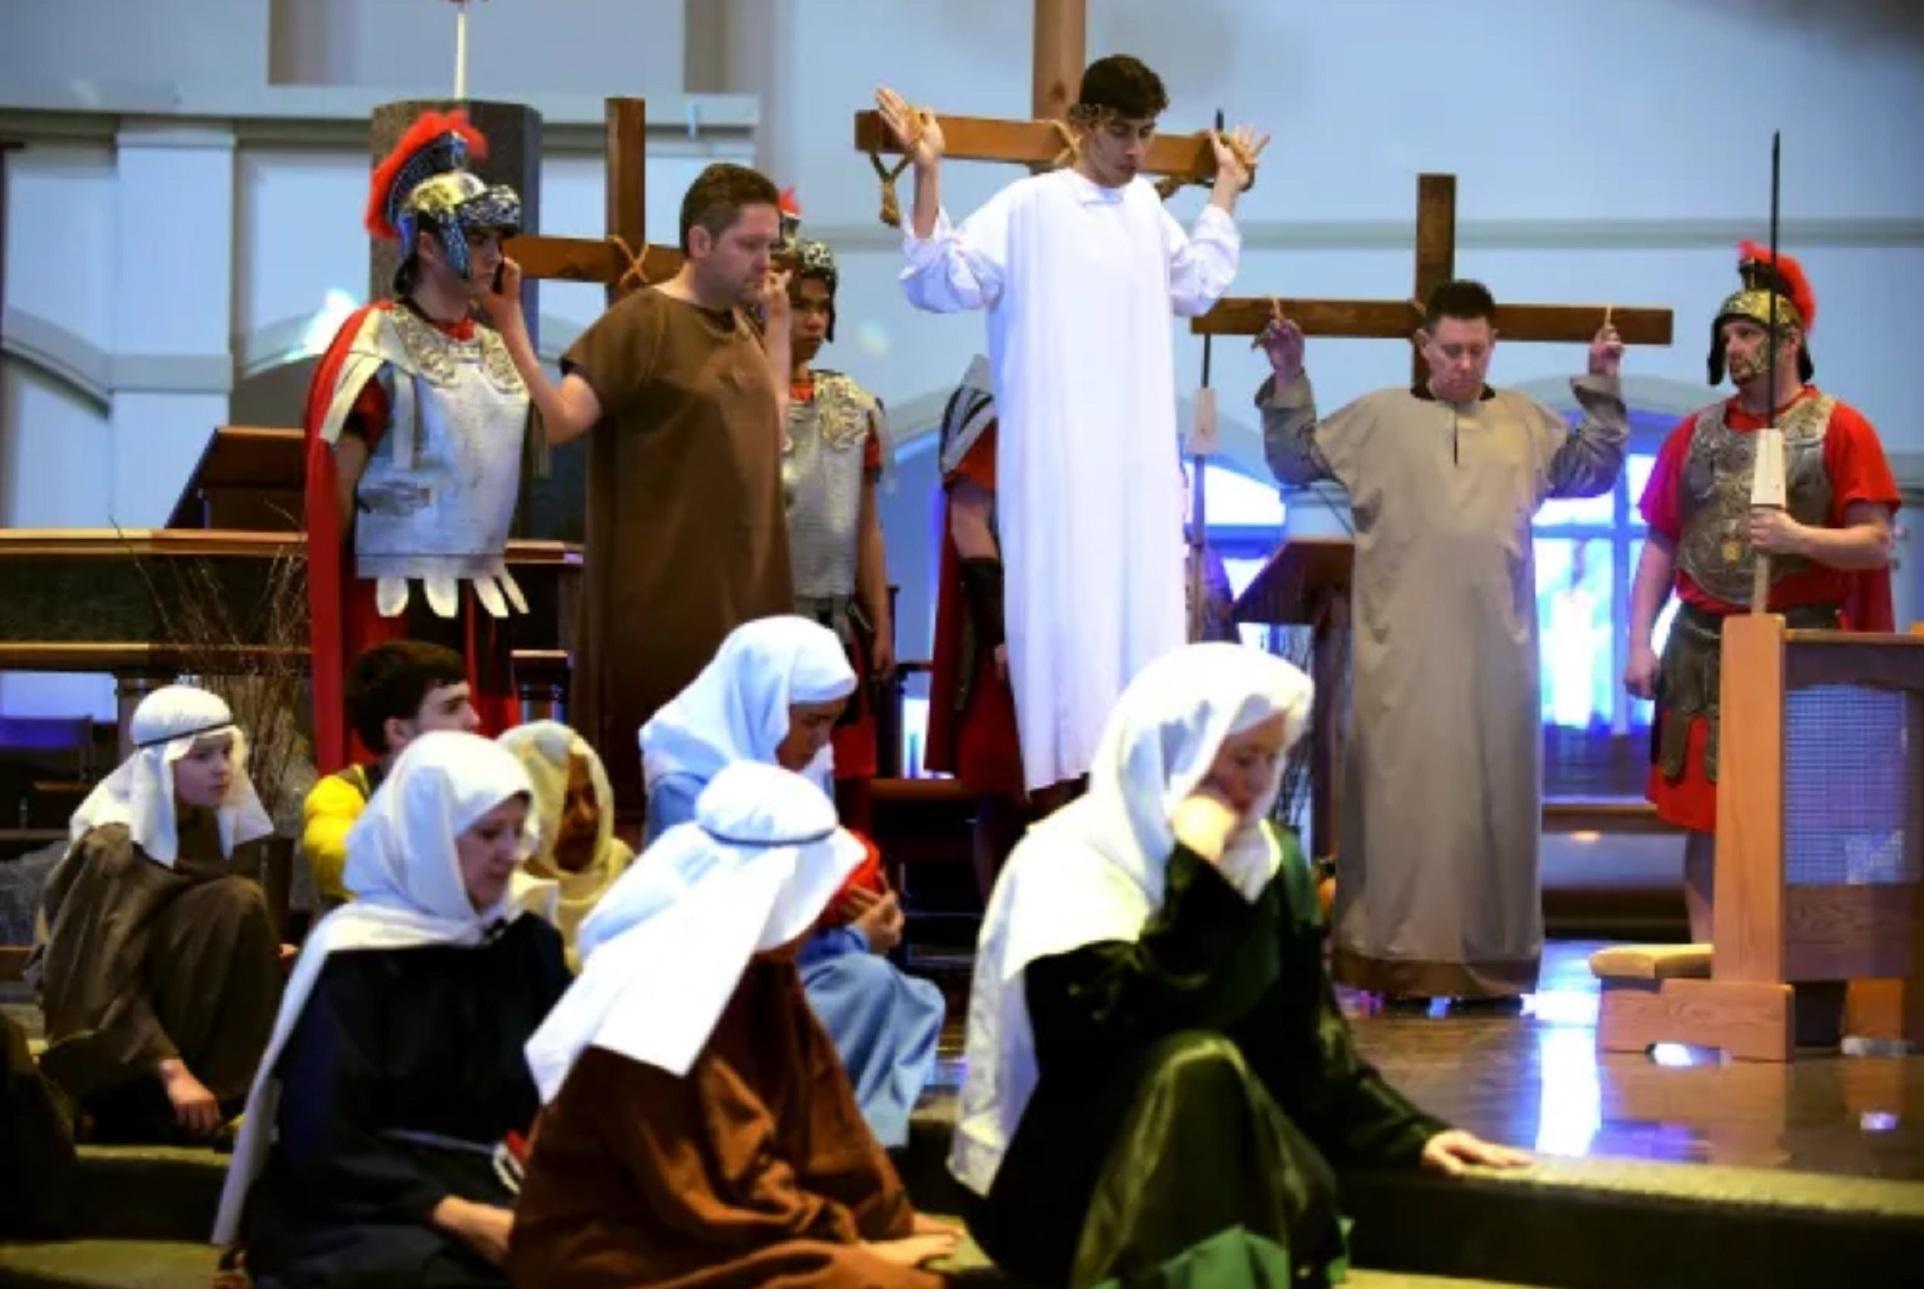 2021-10-09 Poor Easter Dramas